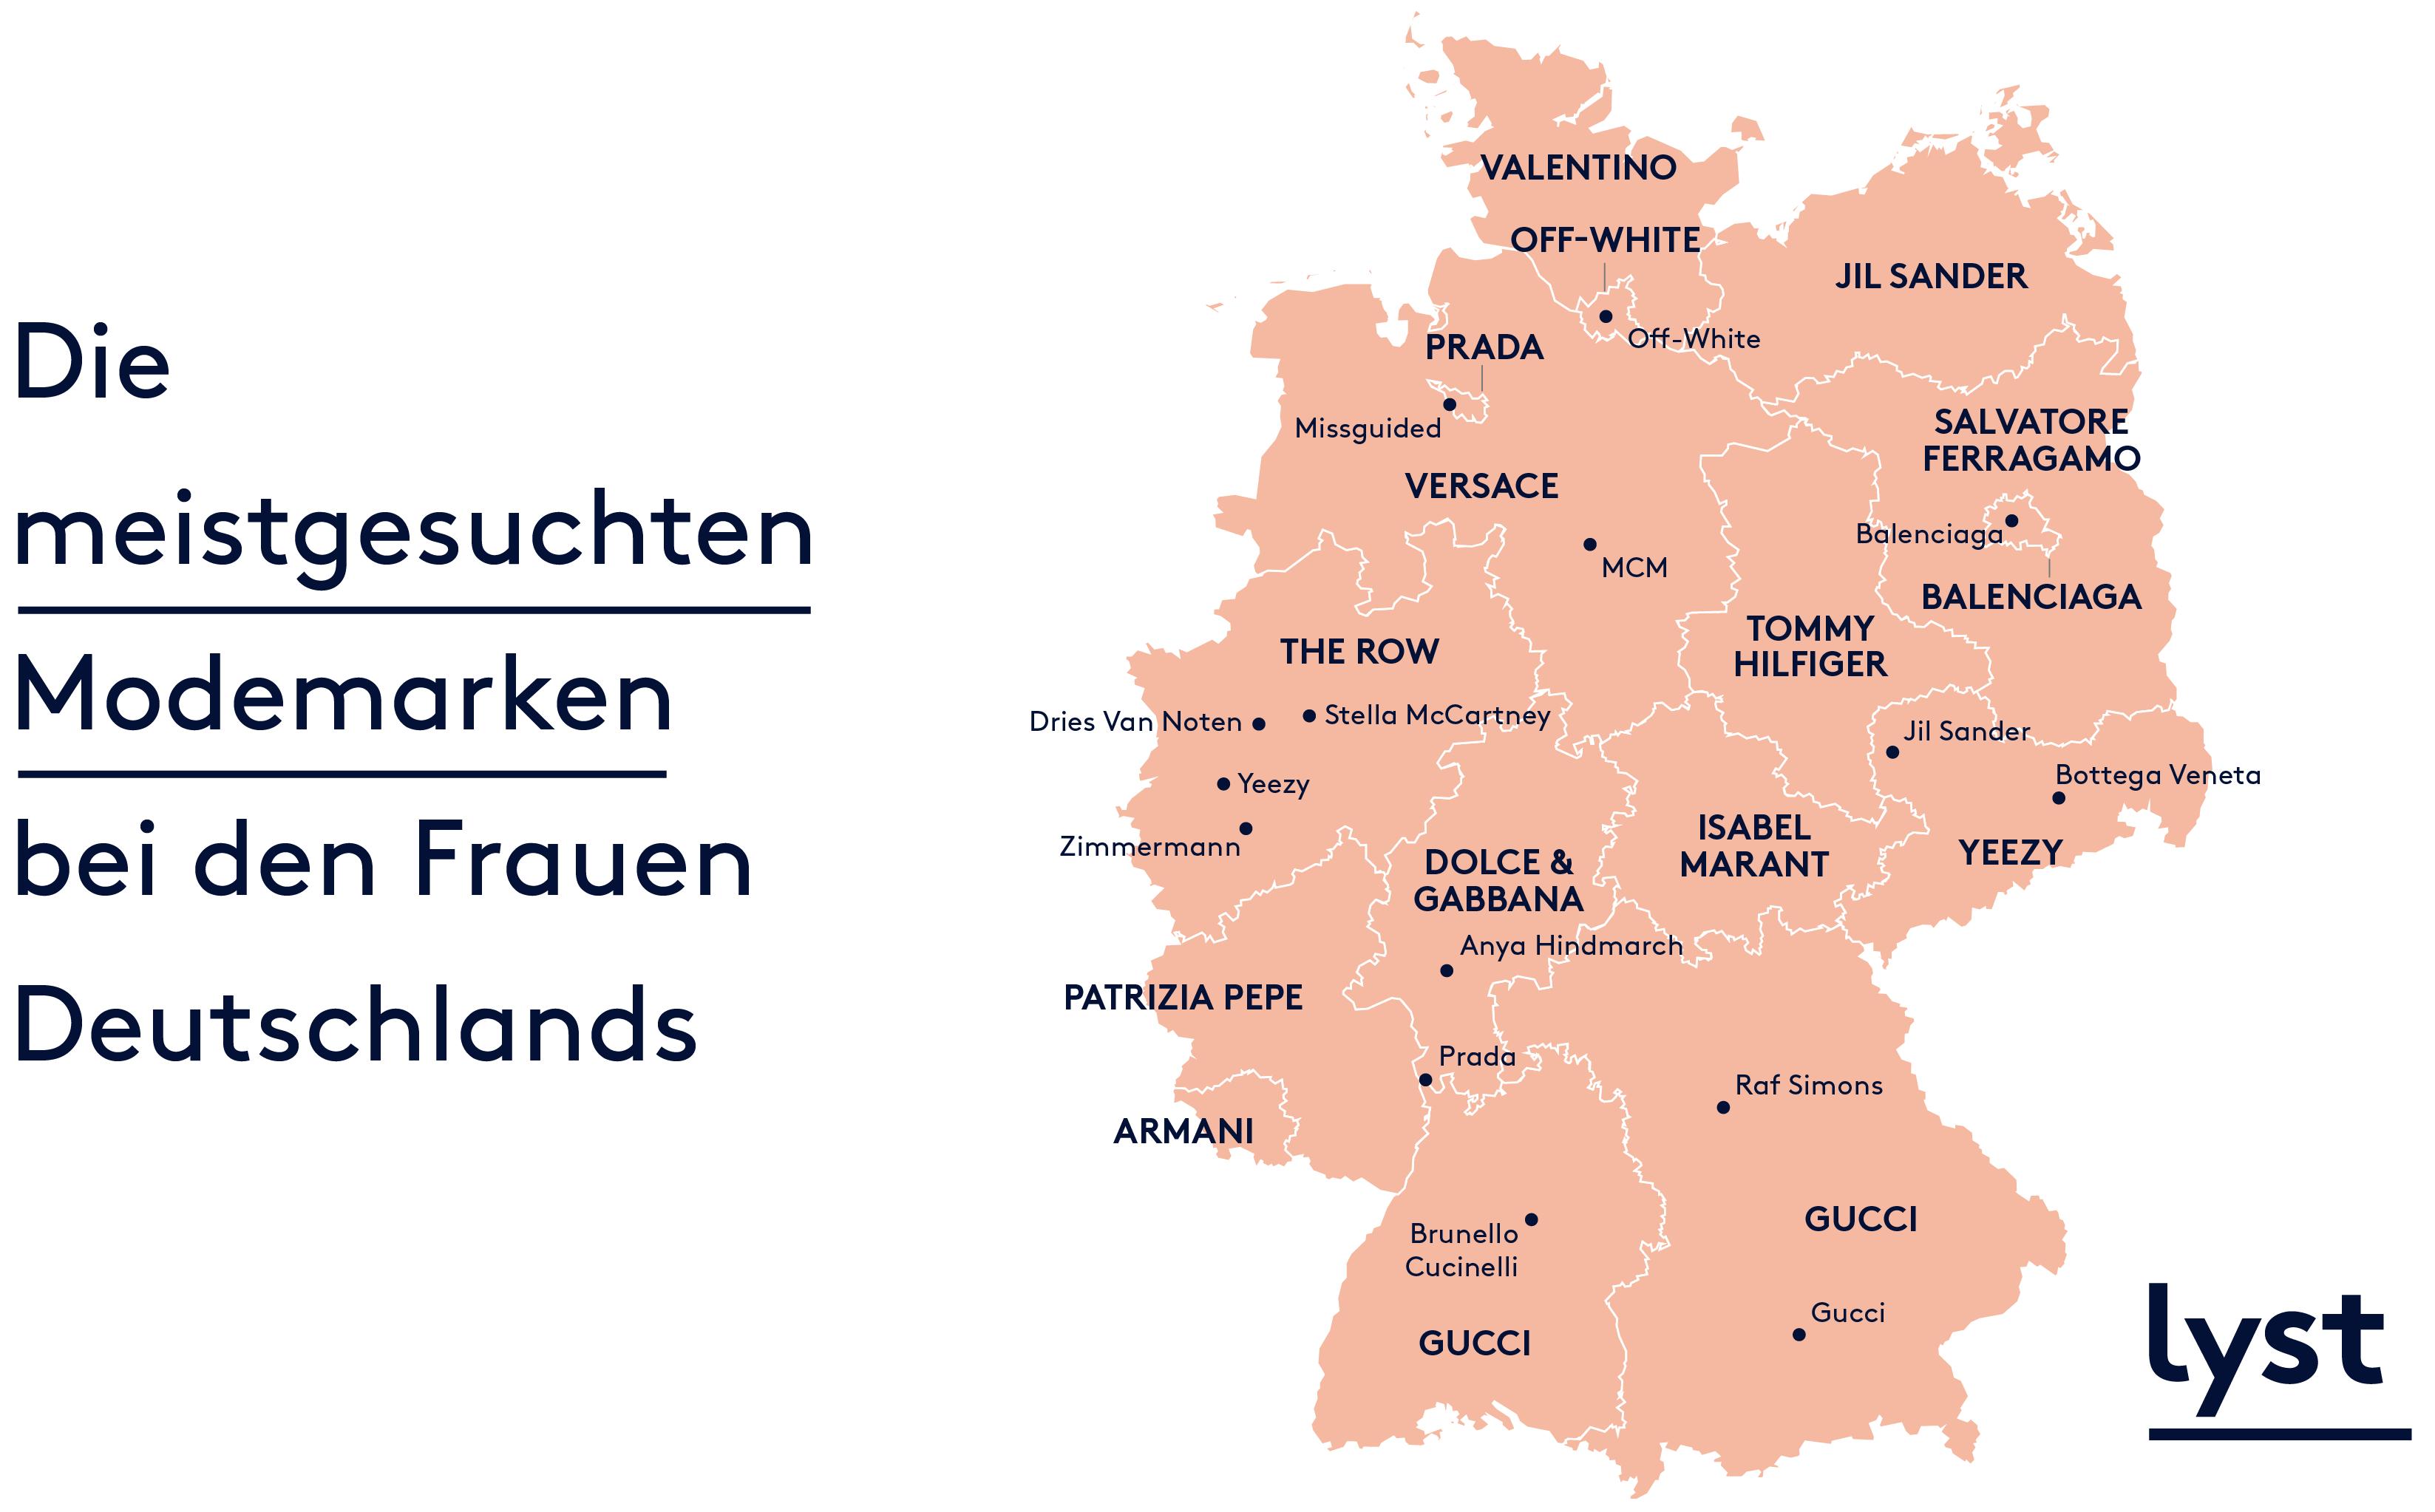 eefbadf2a83 Aber auch weniger bekannte Marken wie Anya Hindmarch, Brunello Cucinelli  oder Gosha Rubchinskiy zählen zu den gefragtesten Labels im  deutschlandweiten ...